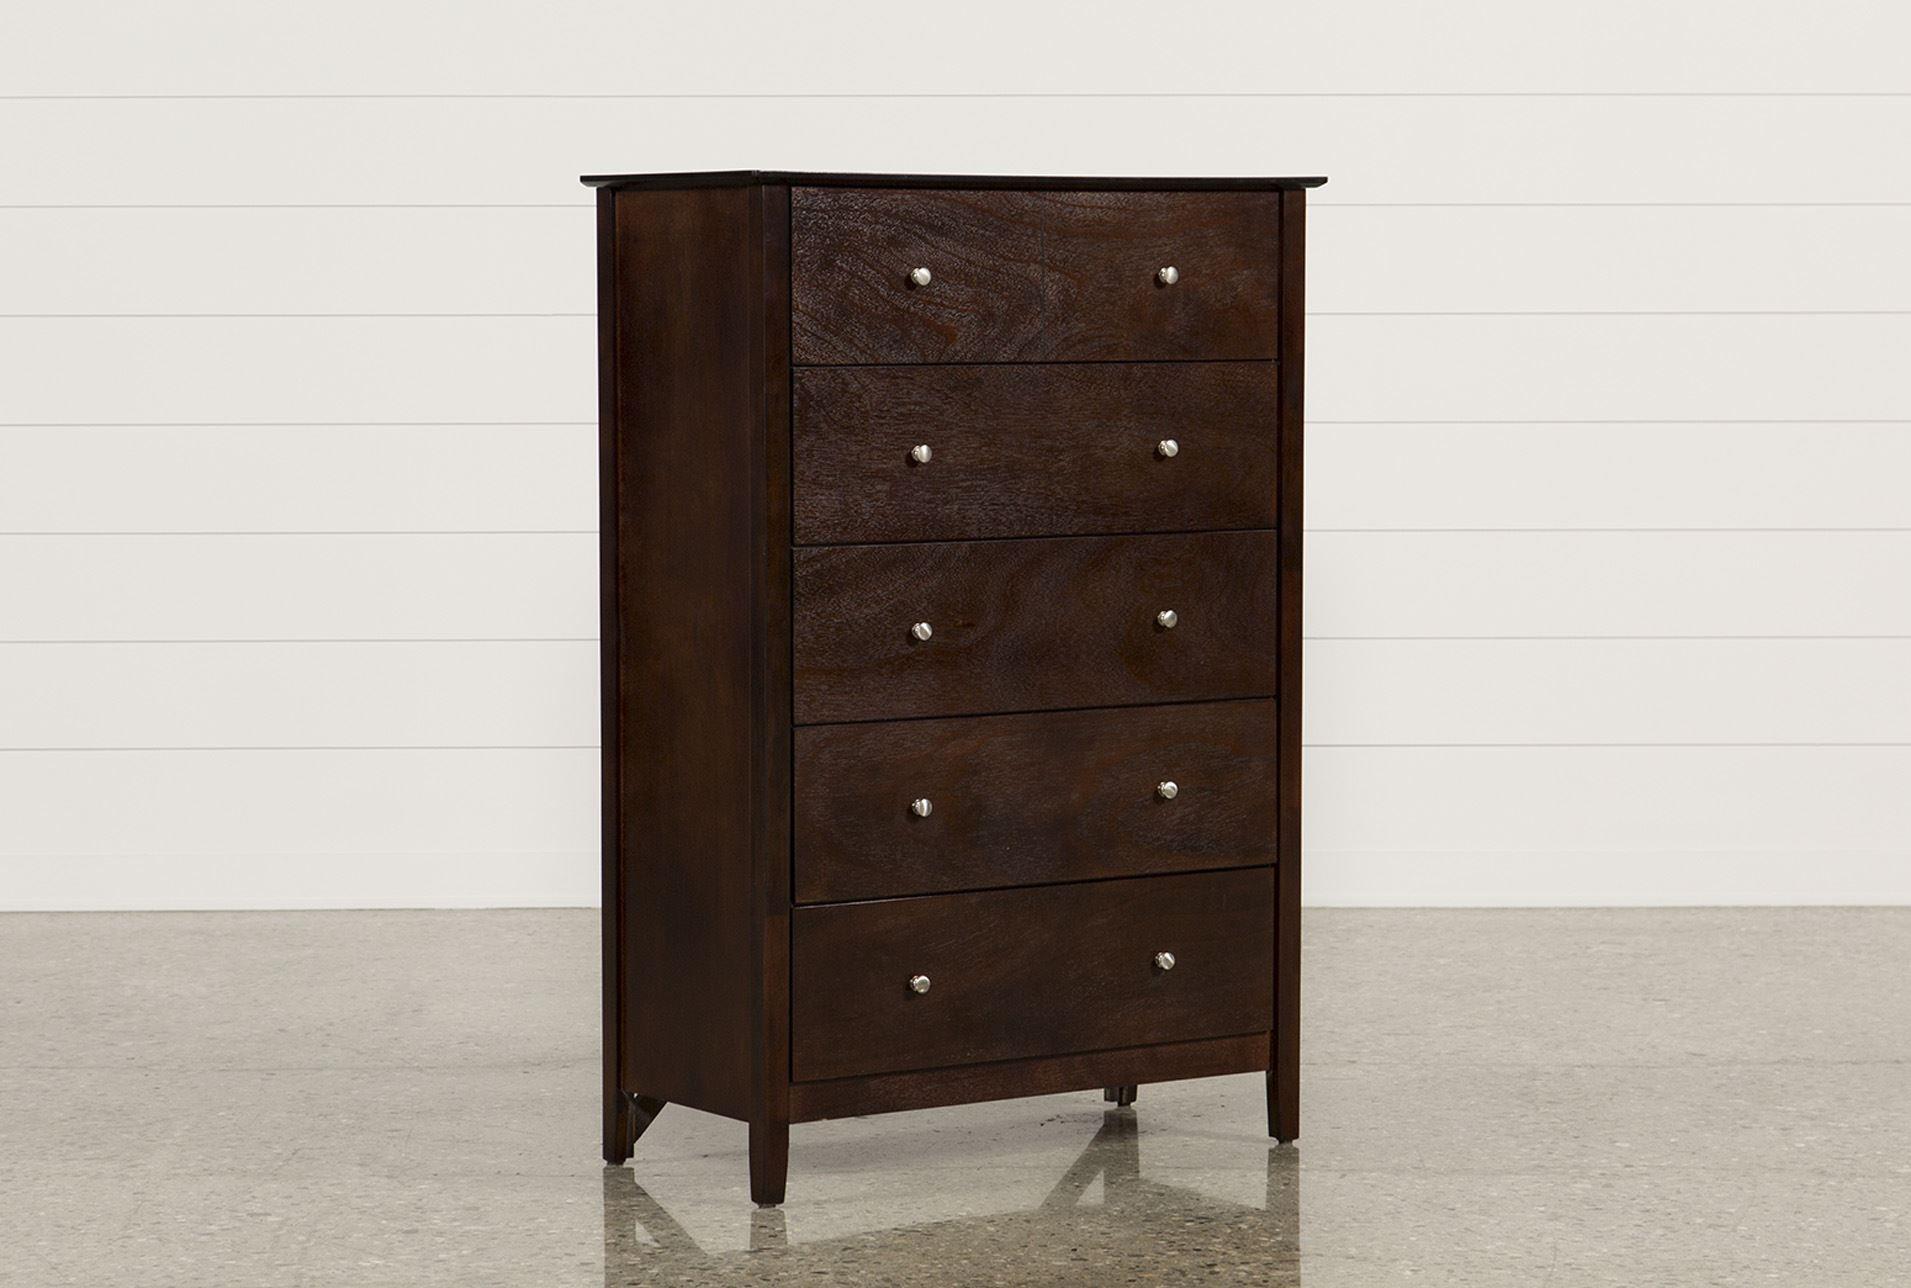 Lawson Ii Chest 360 Tall Narrow Dresser Discount Bedroom Furniture Narrow Dresser [ 1288 x 1911 Pixel ]